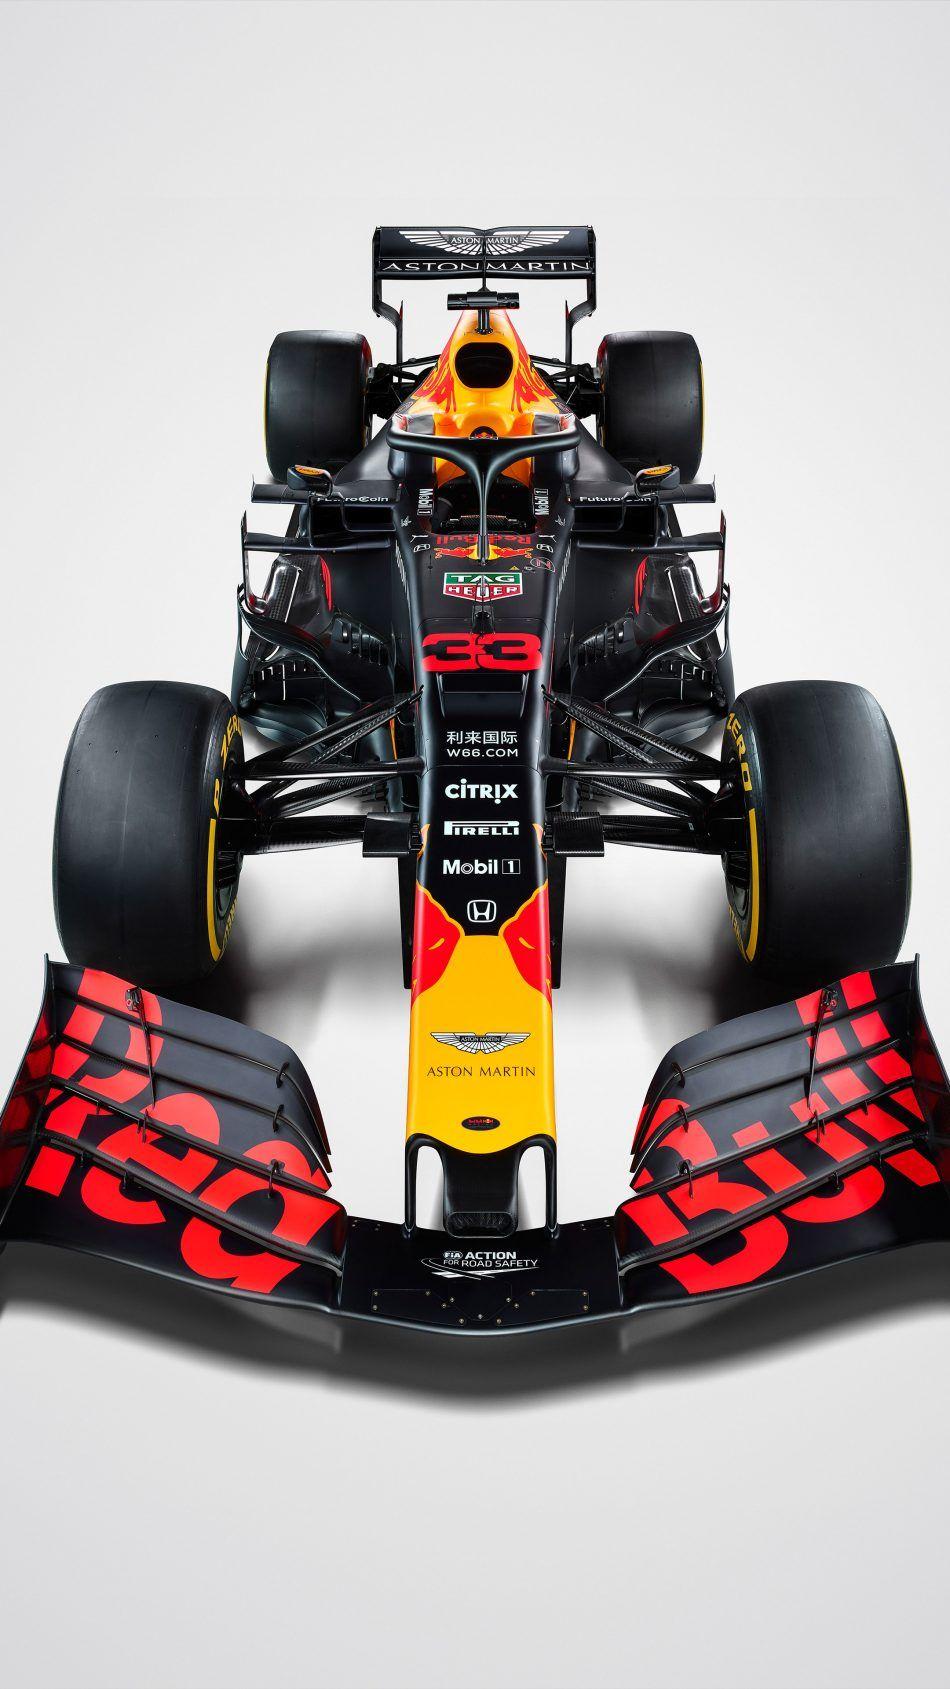 Red Bull Rb15 F1 2019 レッドブルレーシング レッドブル レースカー